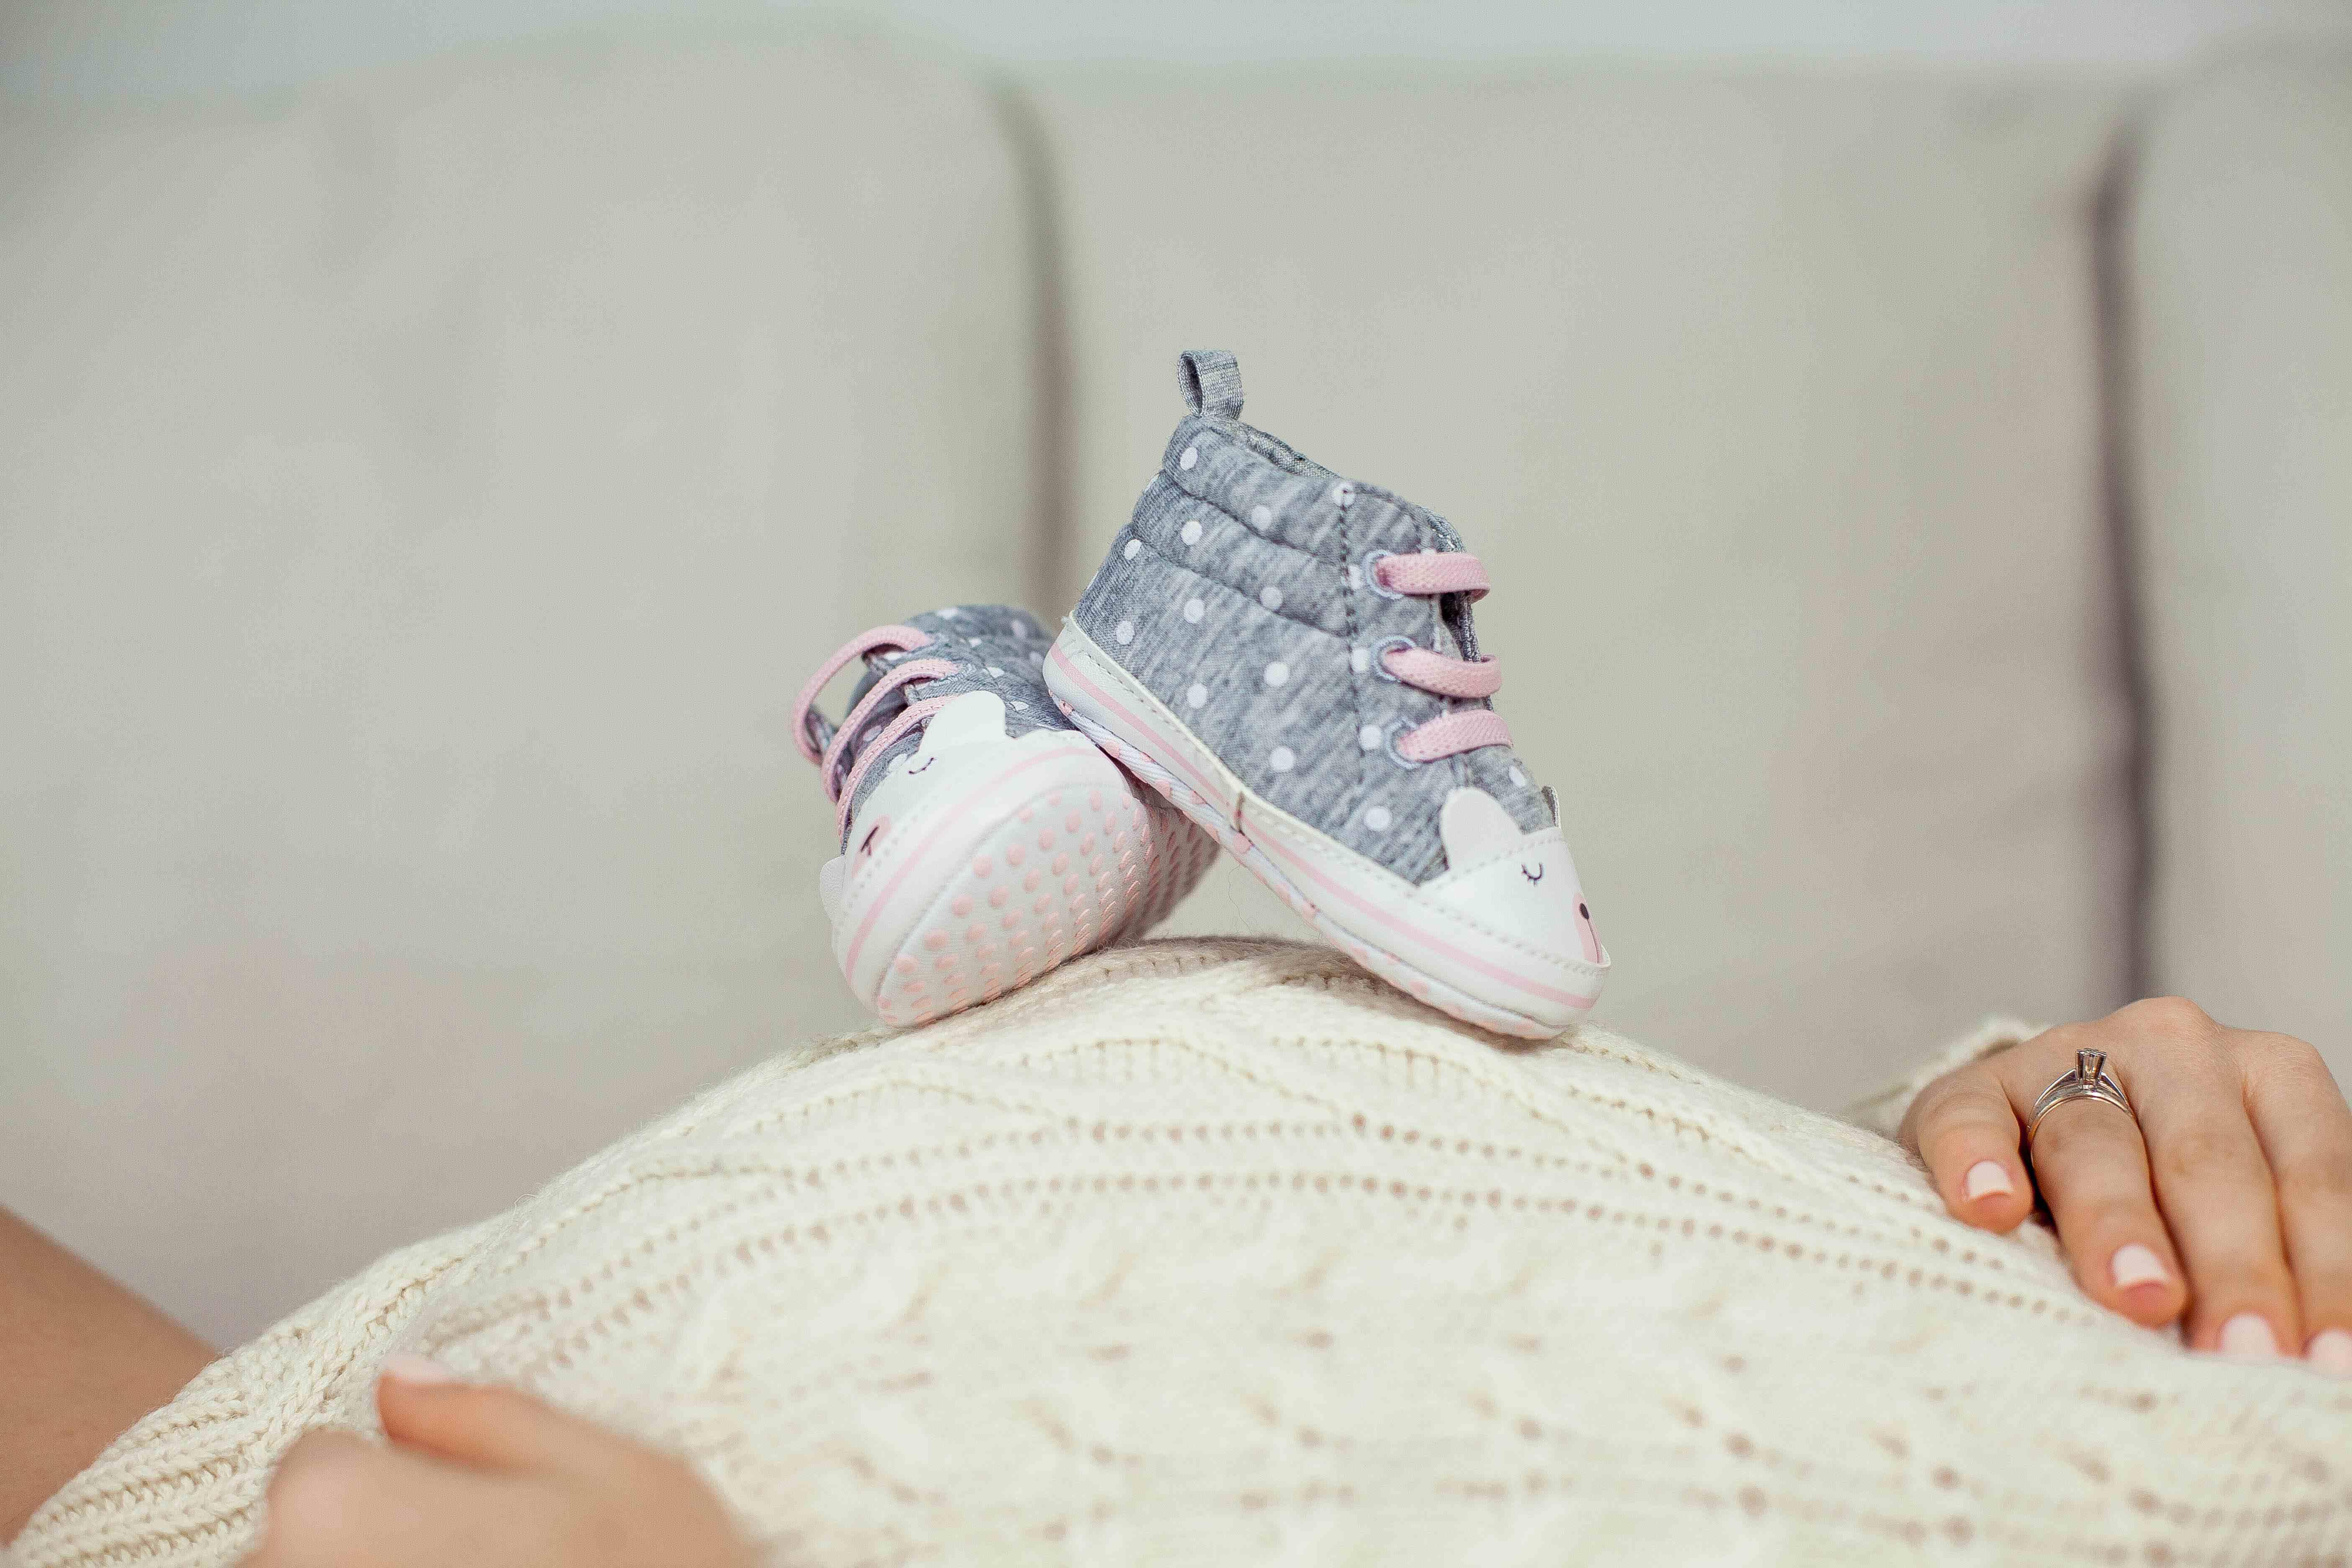 Baby shoe on white background, Baby shoe isolated